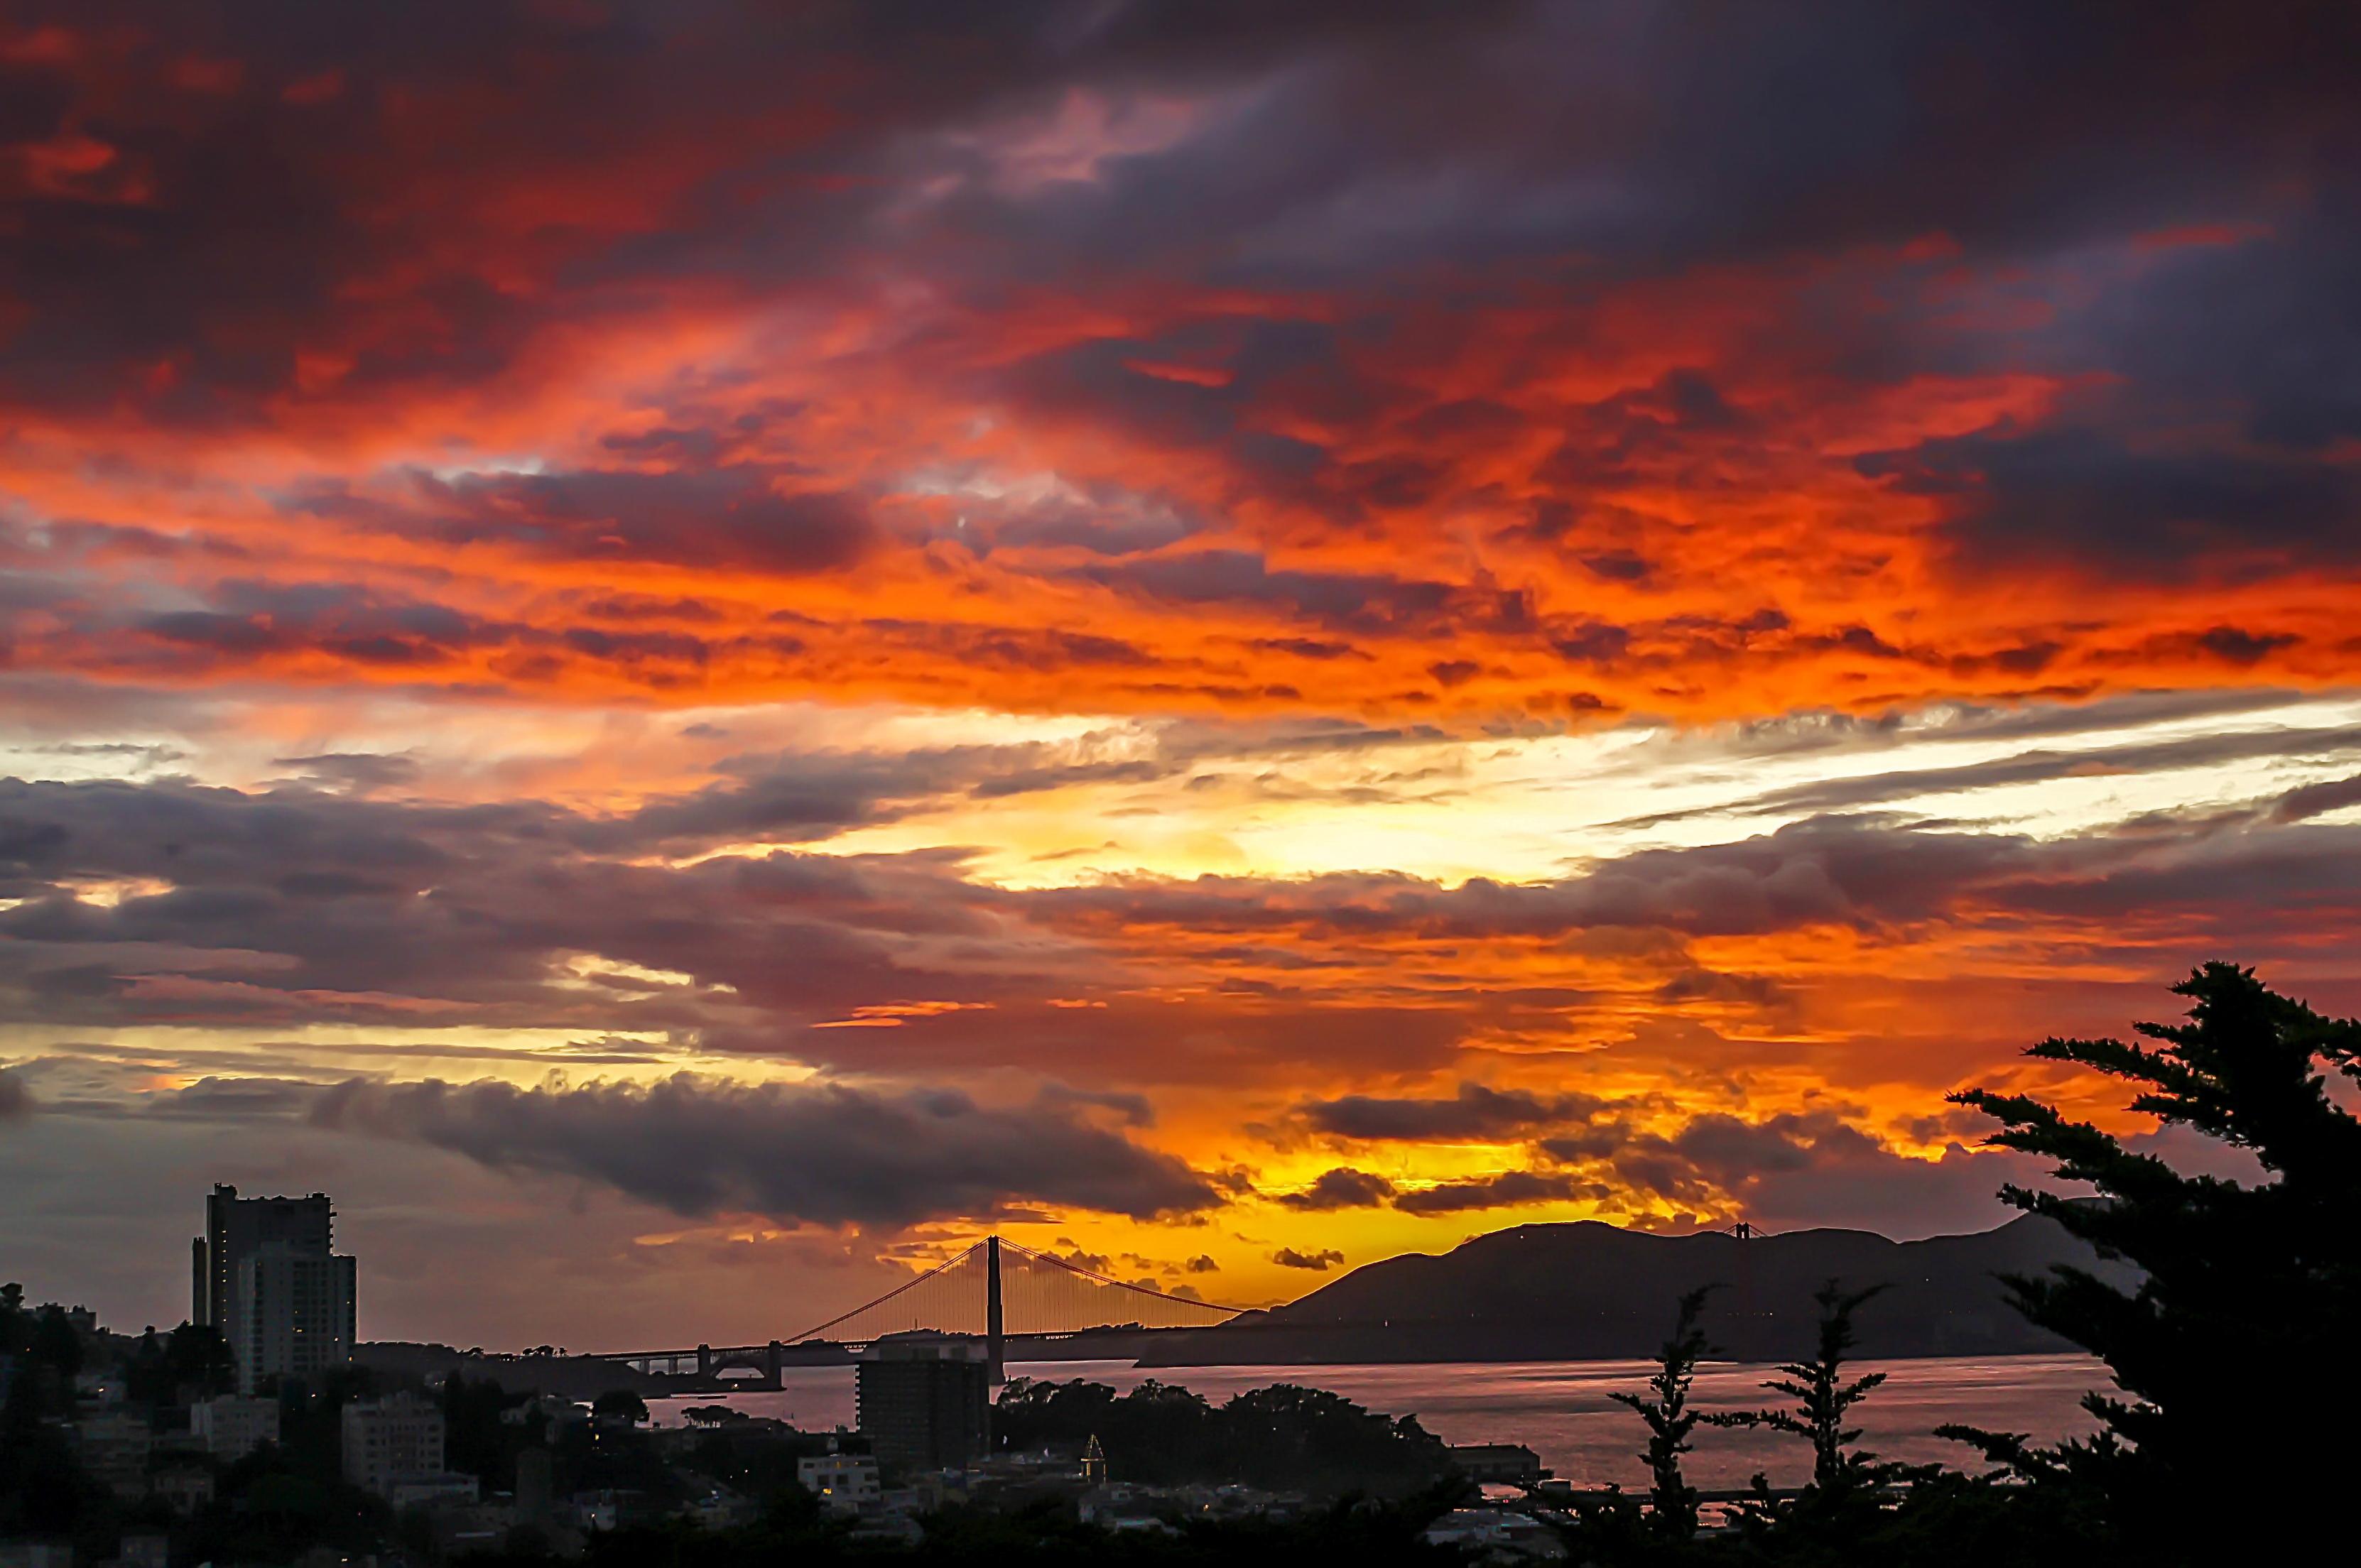 красивая картинка заката в городе завёрнутое